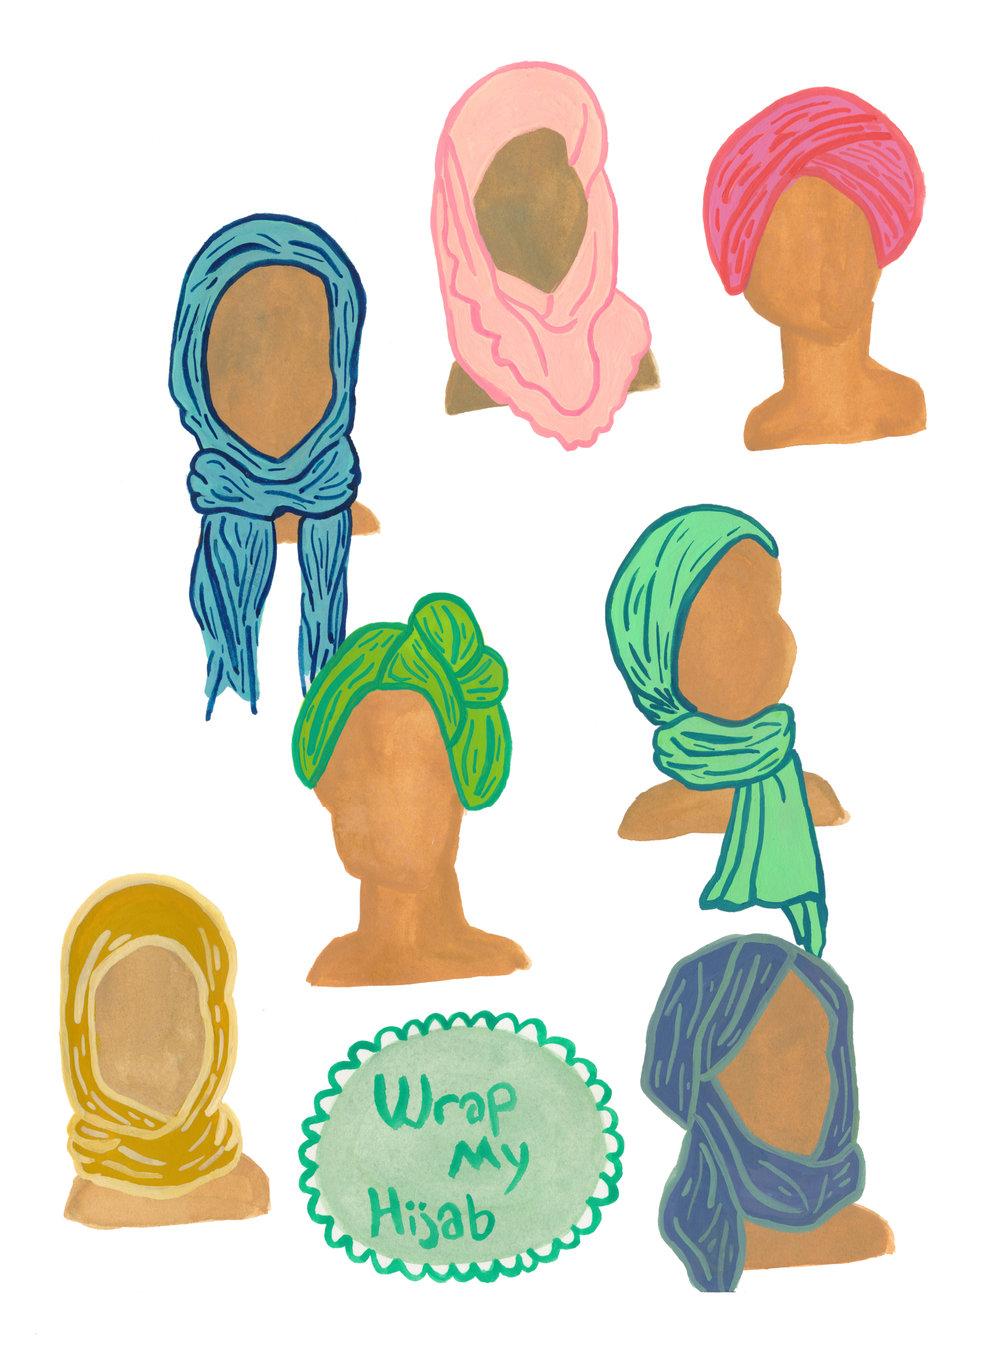 Wrap My Hijab